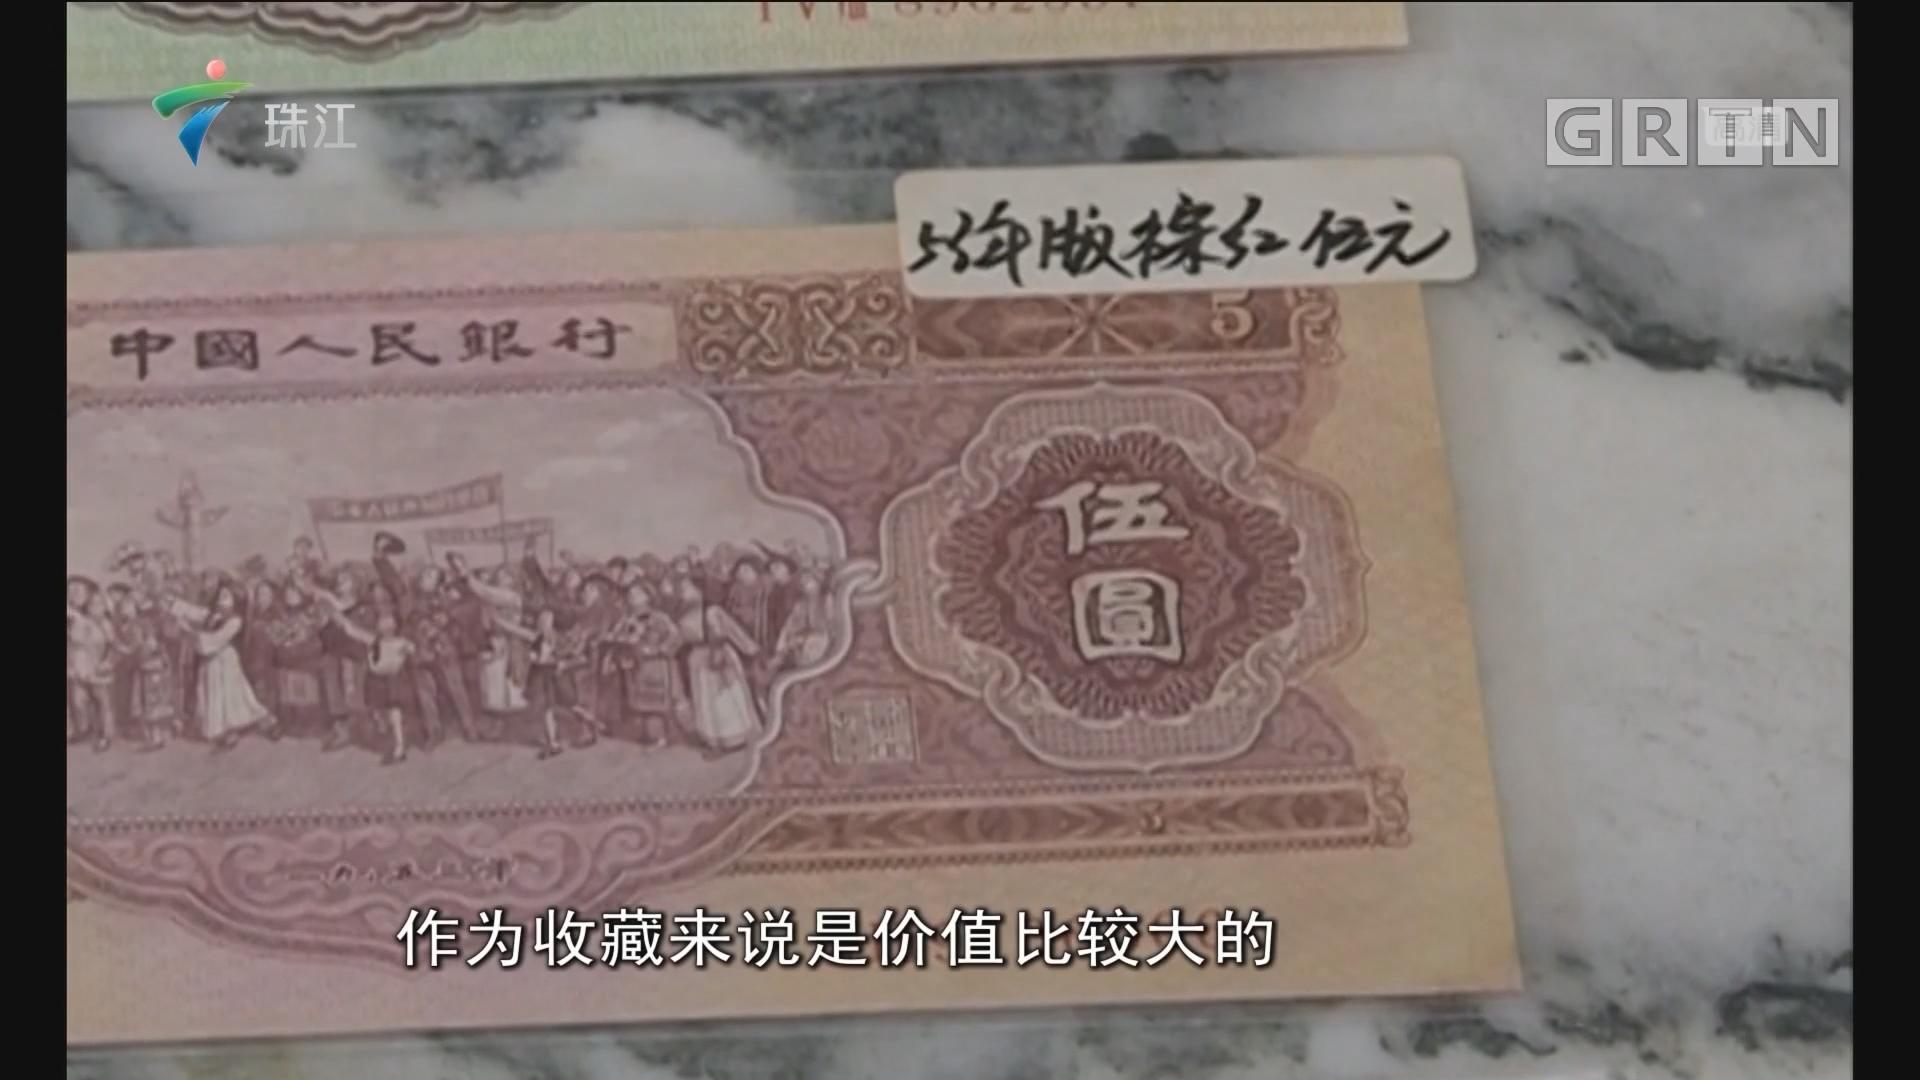 第四套人民币下月底停止兑换 回顾以往各套纸币